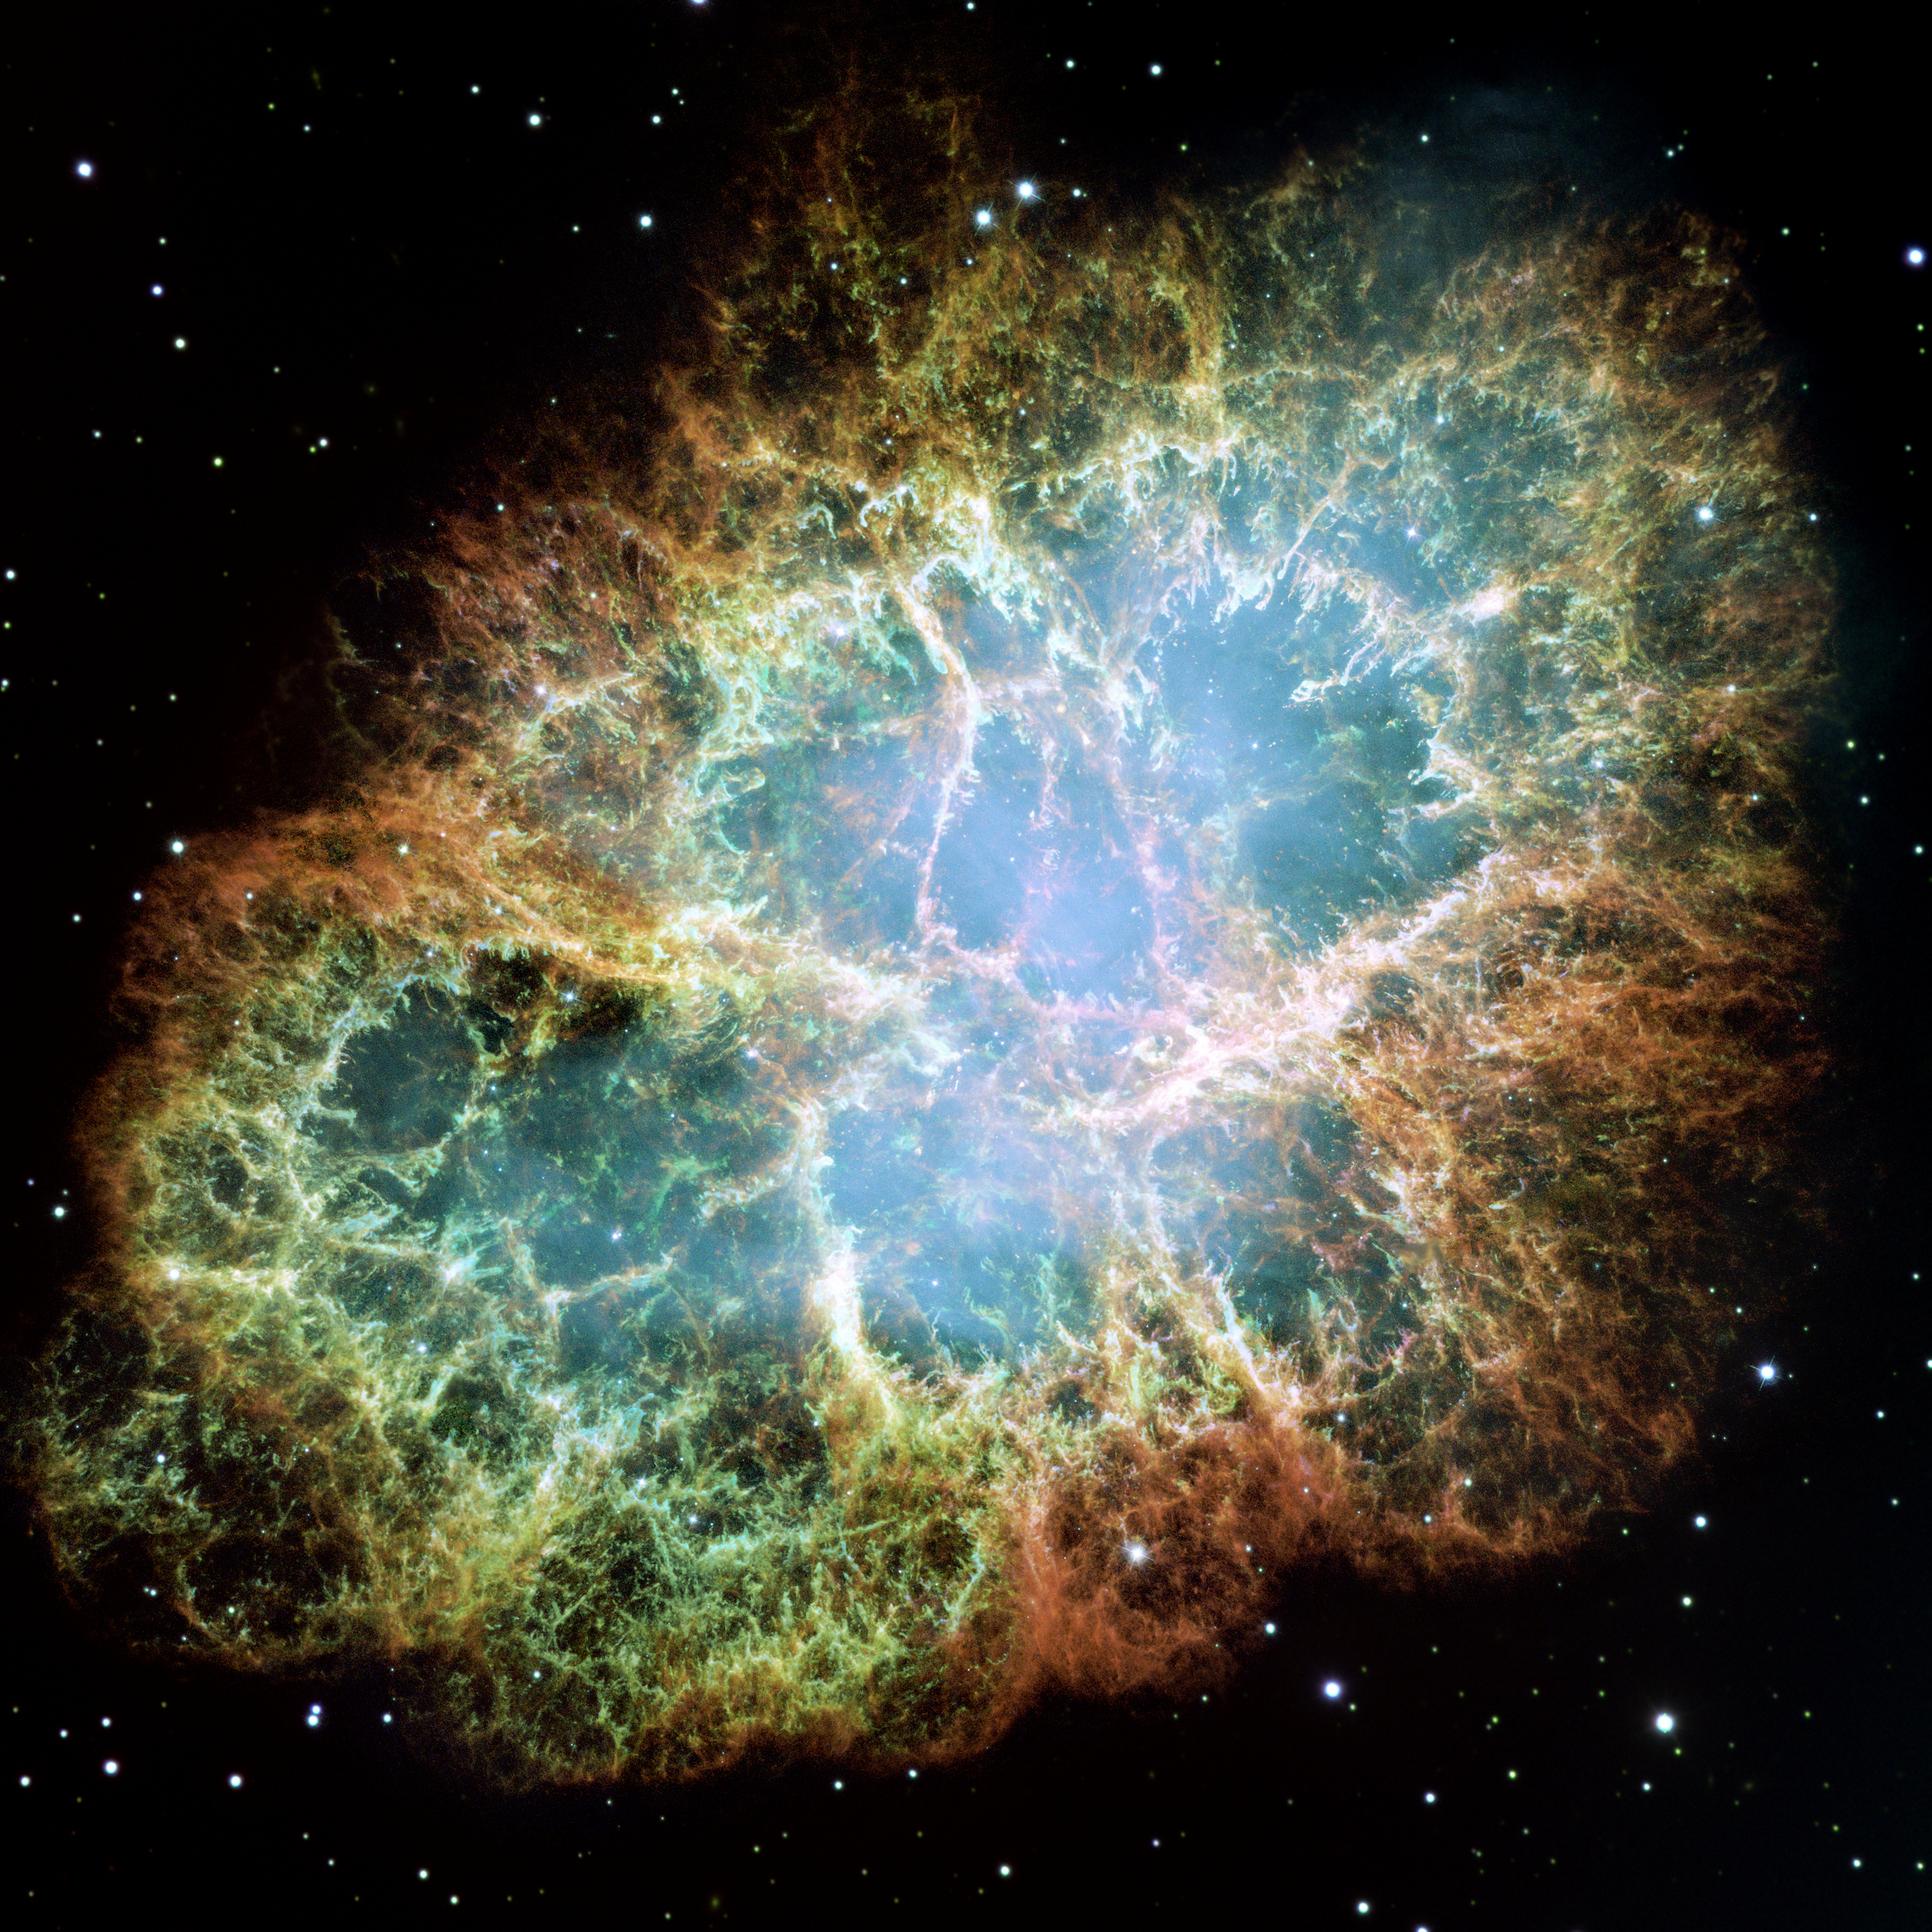 Крабовидная туманность, где разворачивается действие рассказа Мюррея Лейнстера «Первый контакт», опубликованного в 1945 году. В соответствии с научными представлениями своего времени автор пишет, что центральная звезда туманности -- белый карлик, однако дальнейшие исследования показали, что это нейтронная звезда. Изображение сделано на основе снимков орбитального телескопа «Хаббл». Источник: NASA, ESA, J. Hester and A. Loll (Arizona State University)